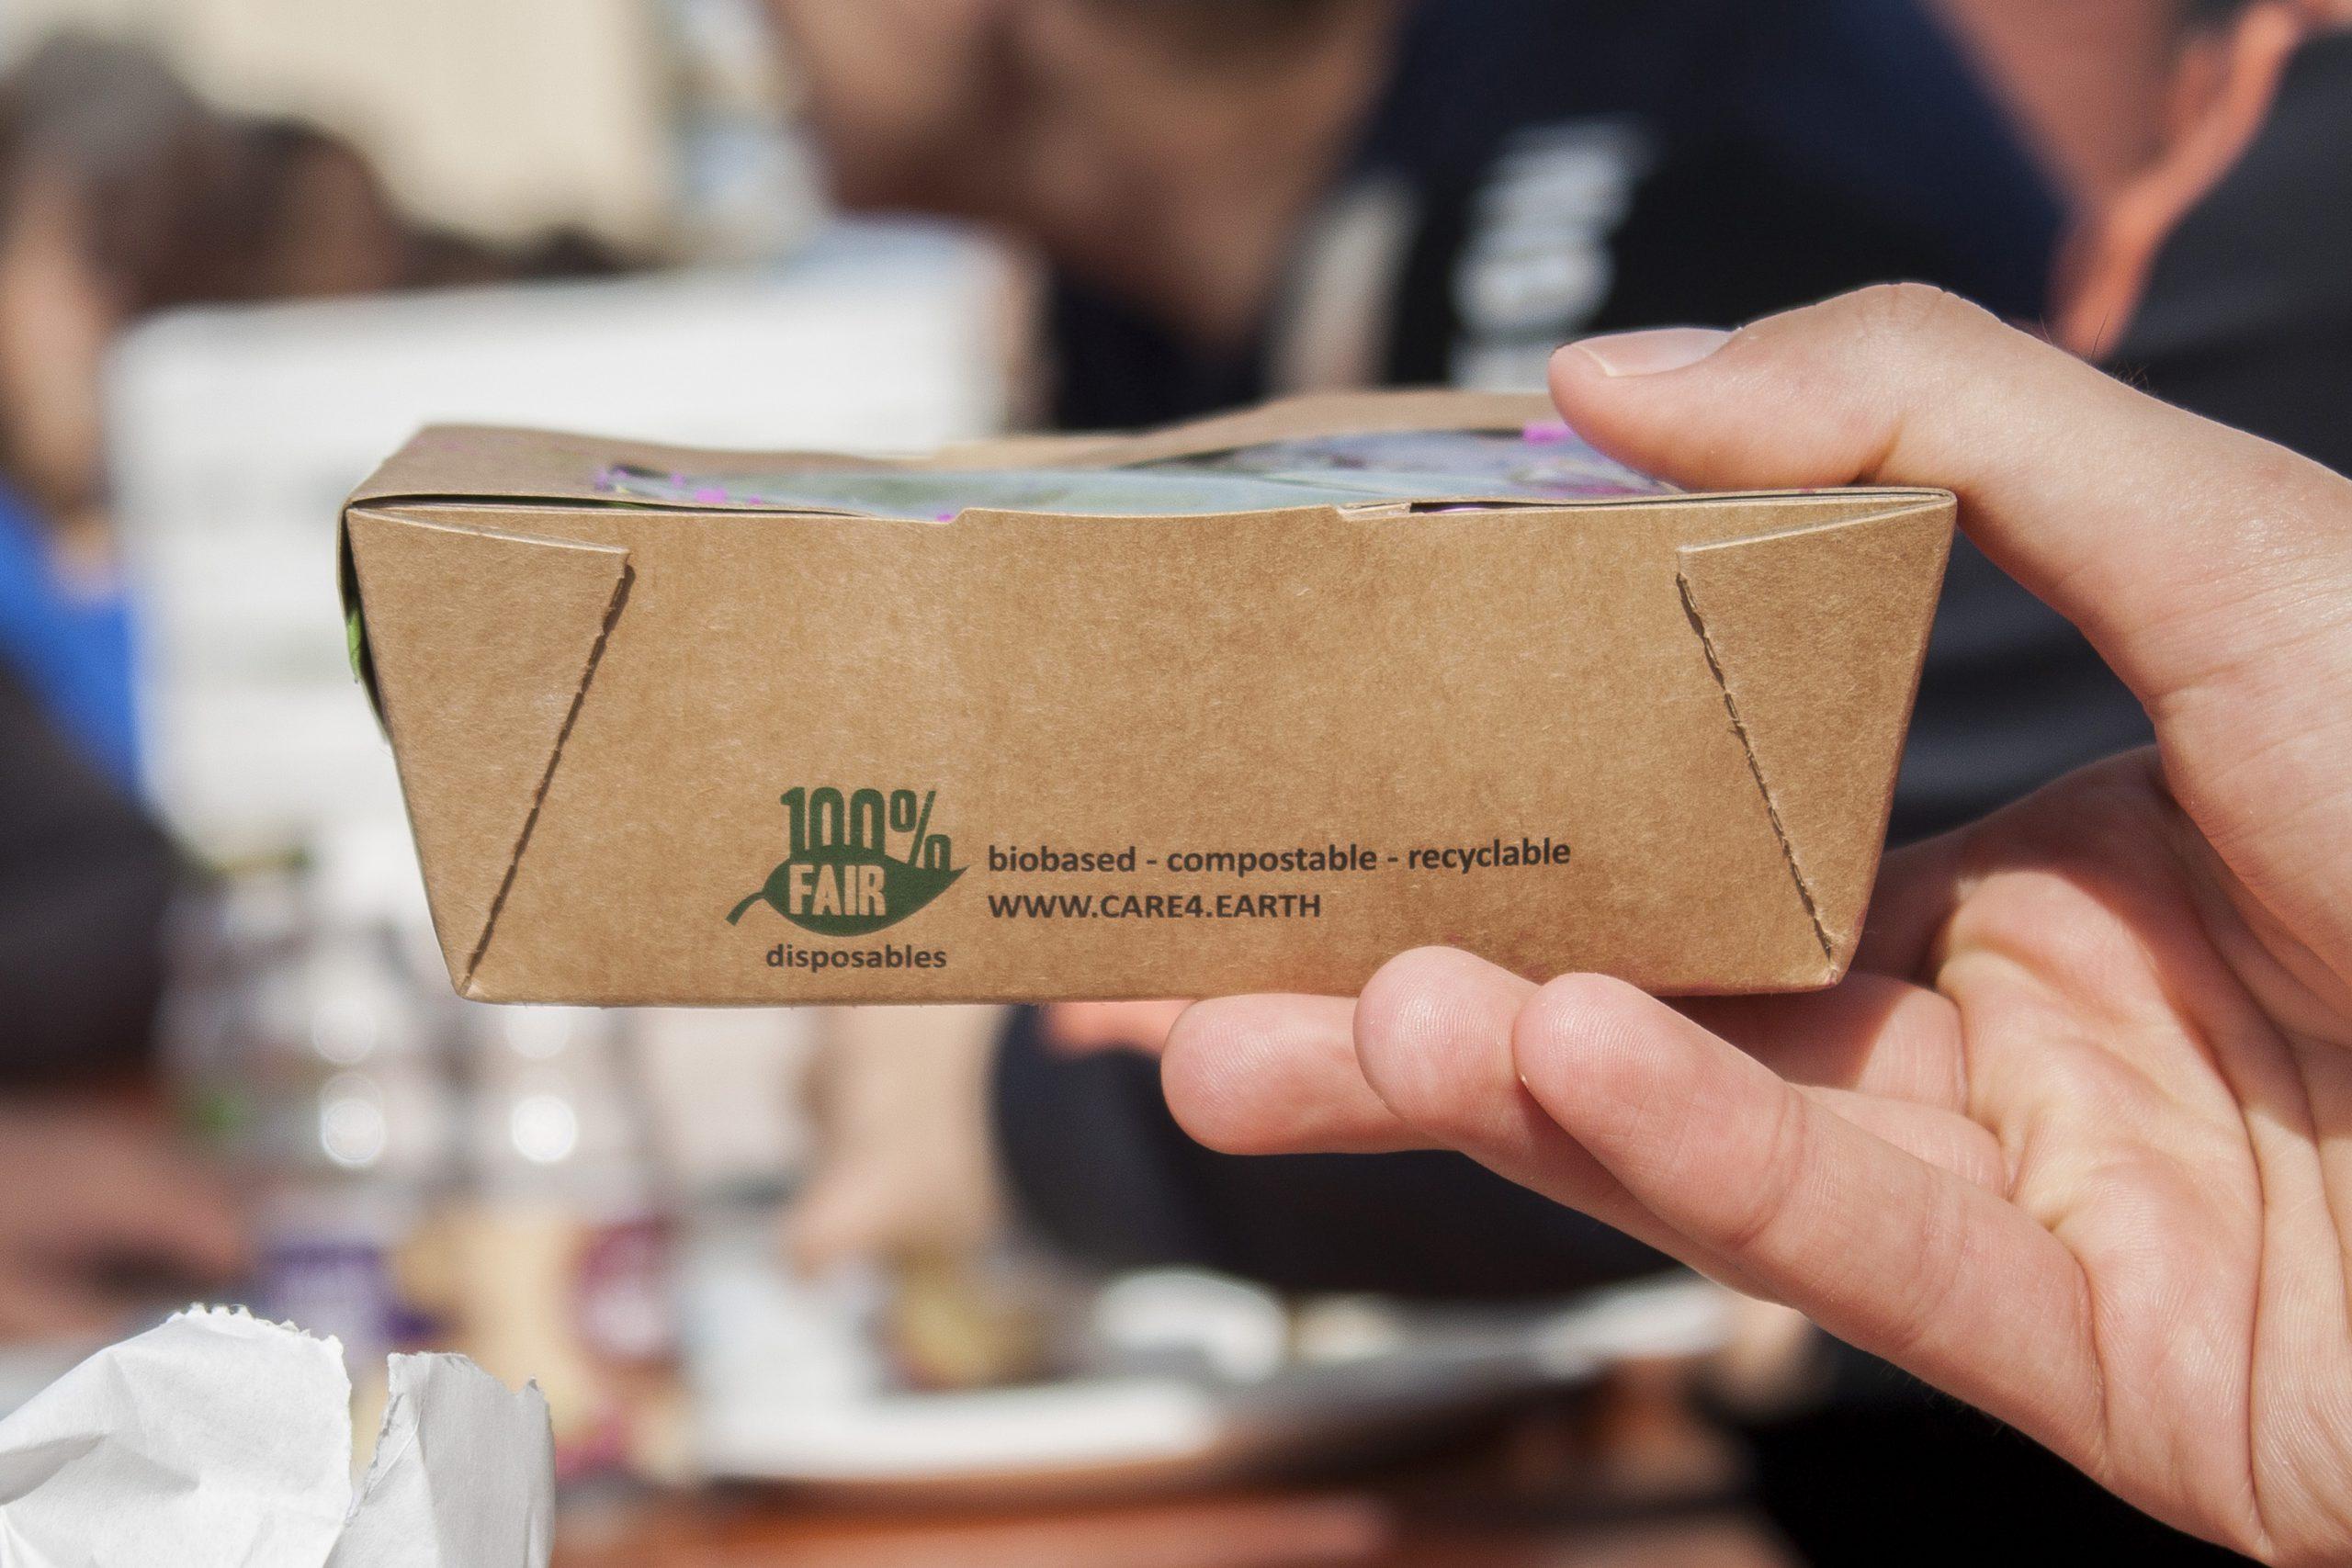 saladebakken-100%FAIR-foodtruck-festival-conpax